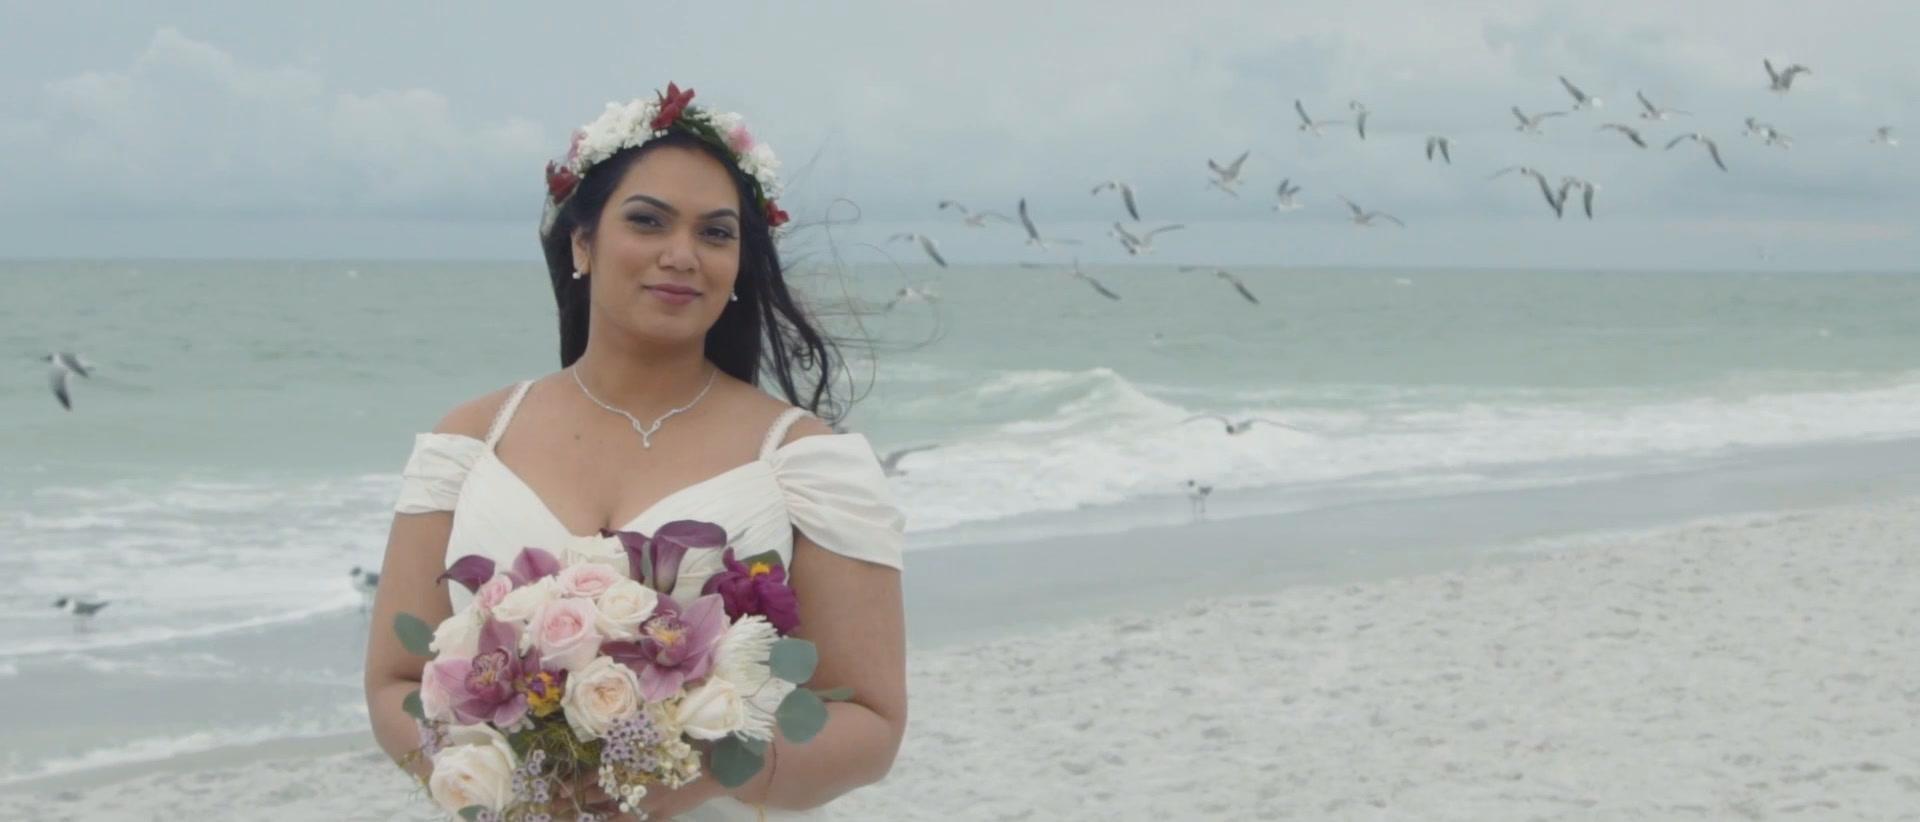 Promo Video + Commercial | Florida, Florida | a mountaintop